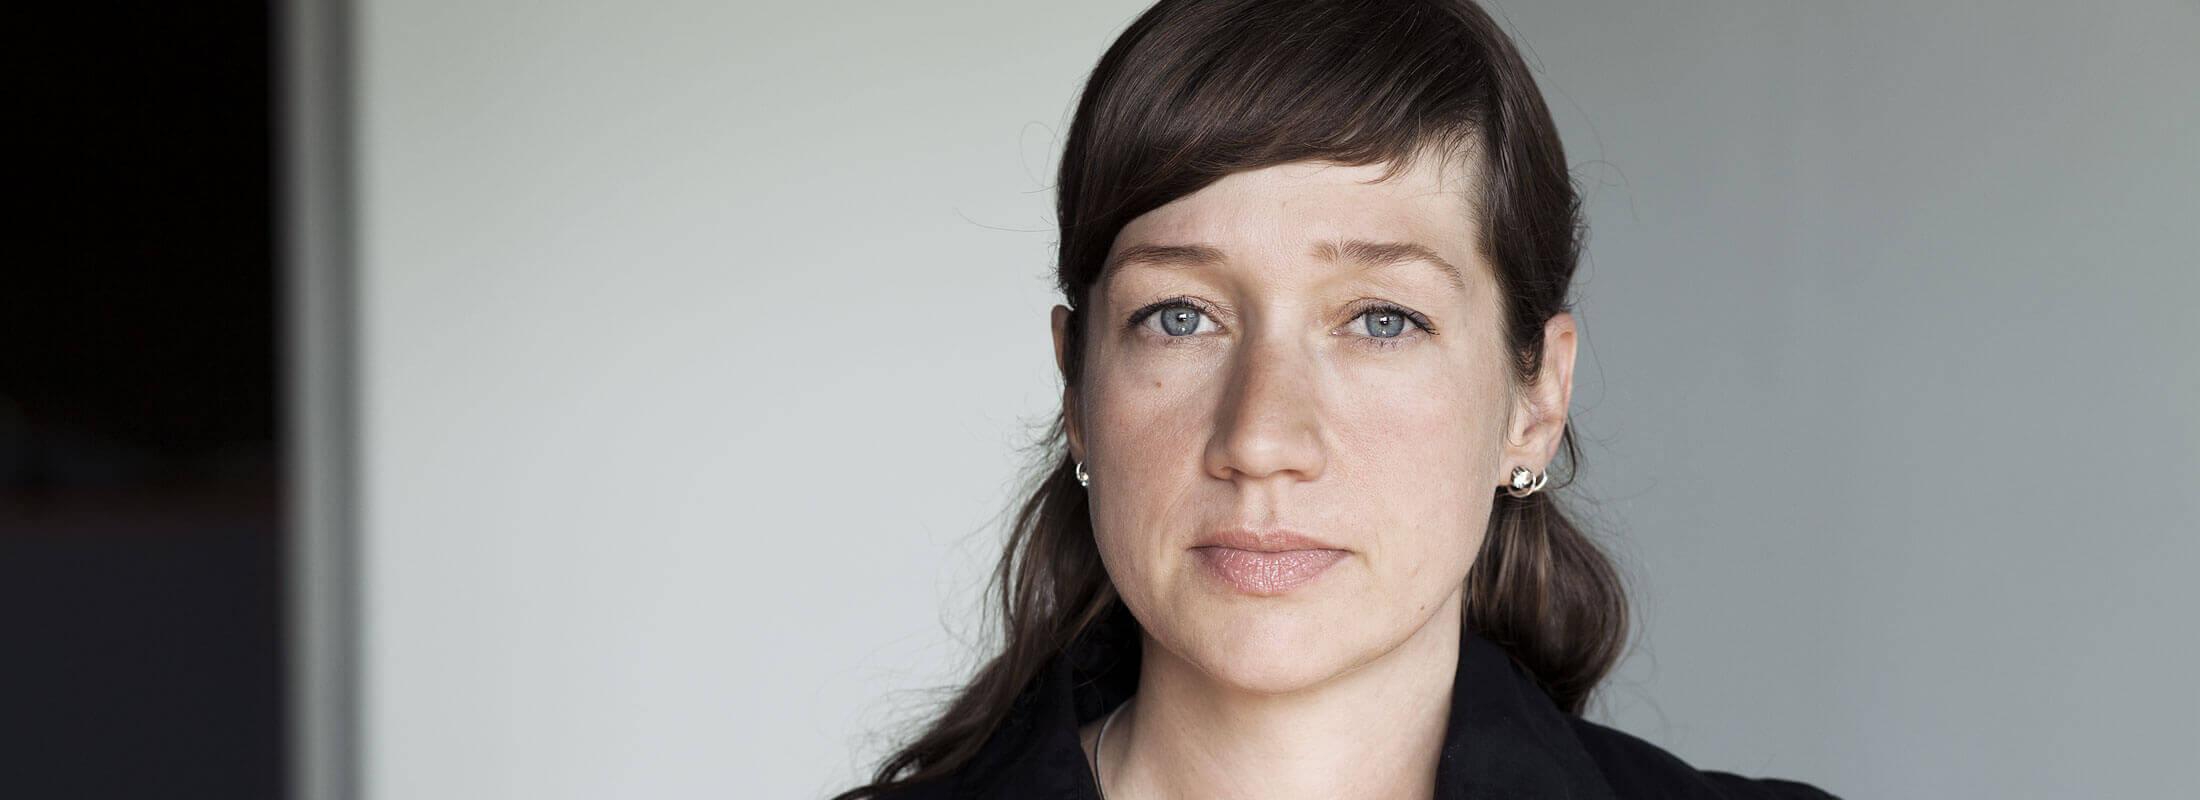 Kathleen Vollerthun Rechtsanwaltsfachangestellte und Geprüfte Rechtsfachwirtin